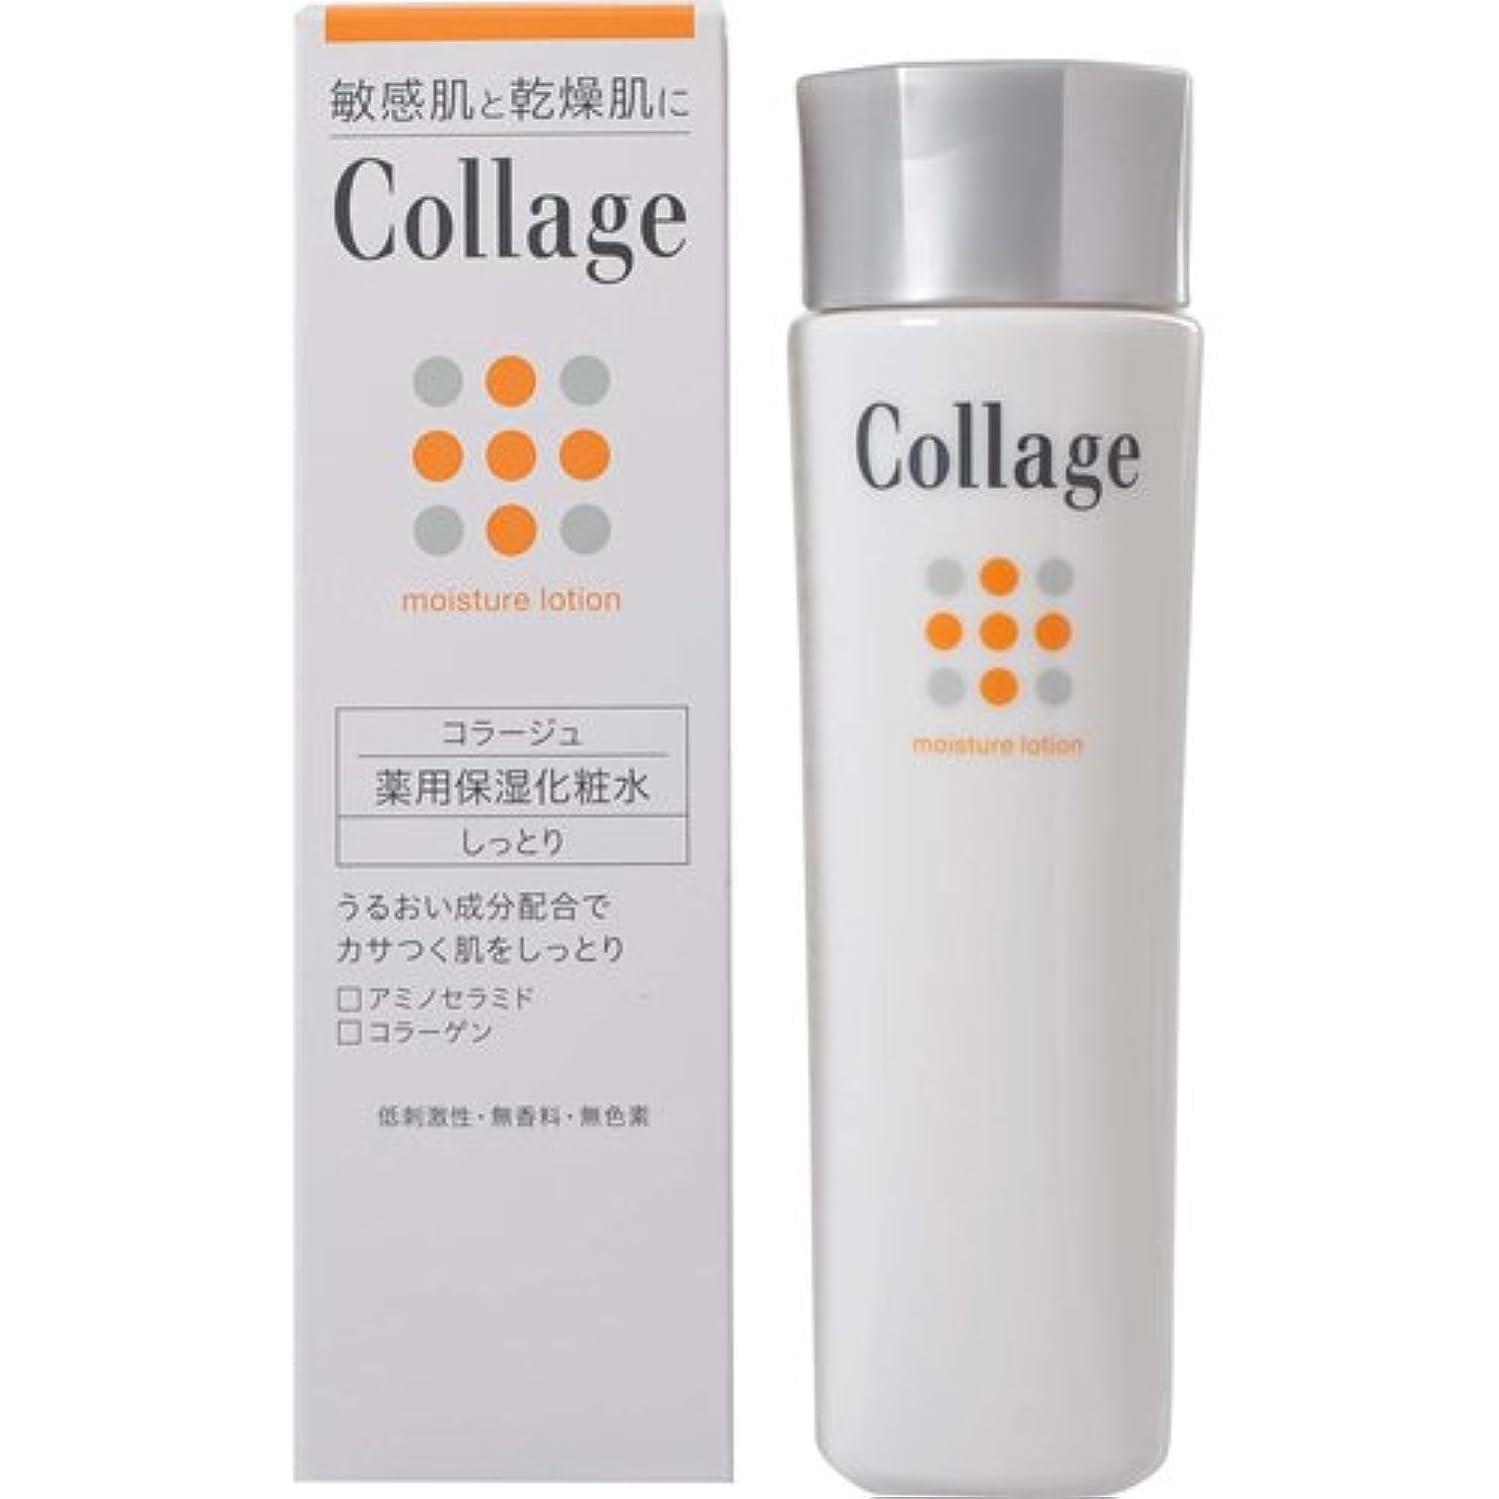 印象的なピカリング通訳コラージュ 薬用保湿化粧水 しっとり 120mL 【医薬部外品】